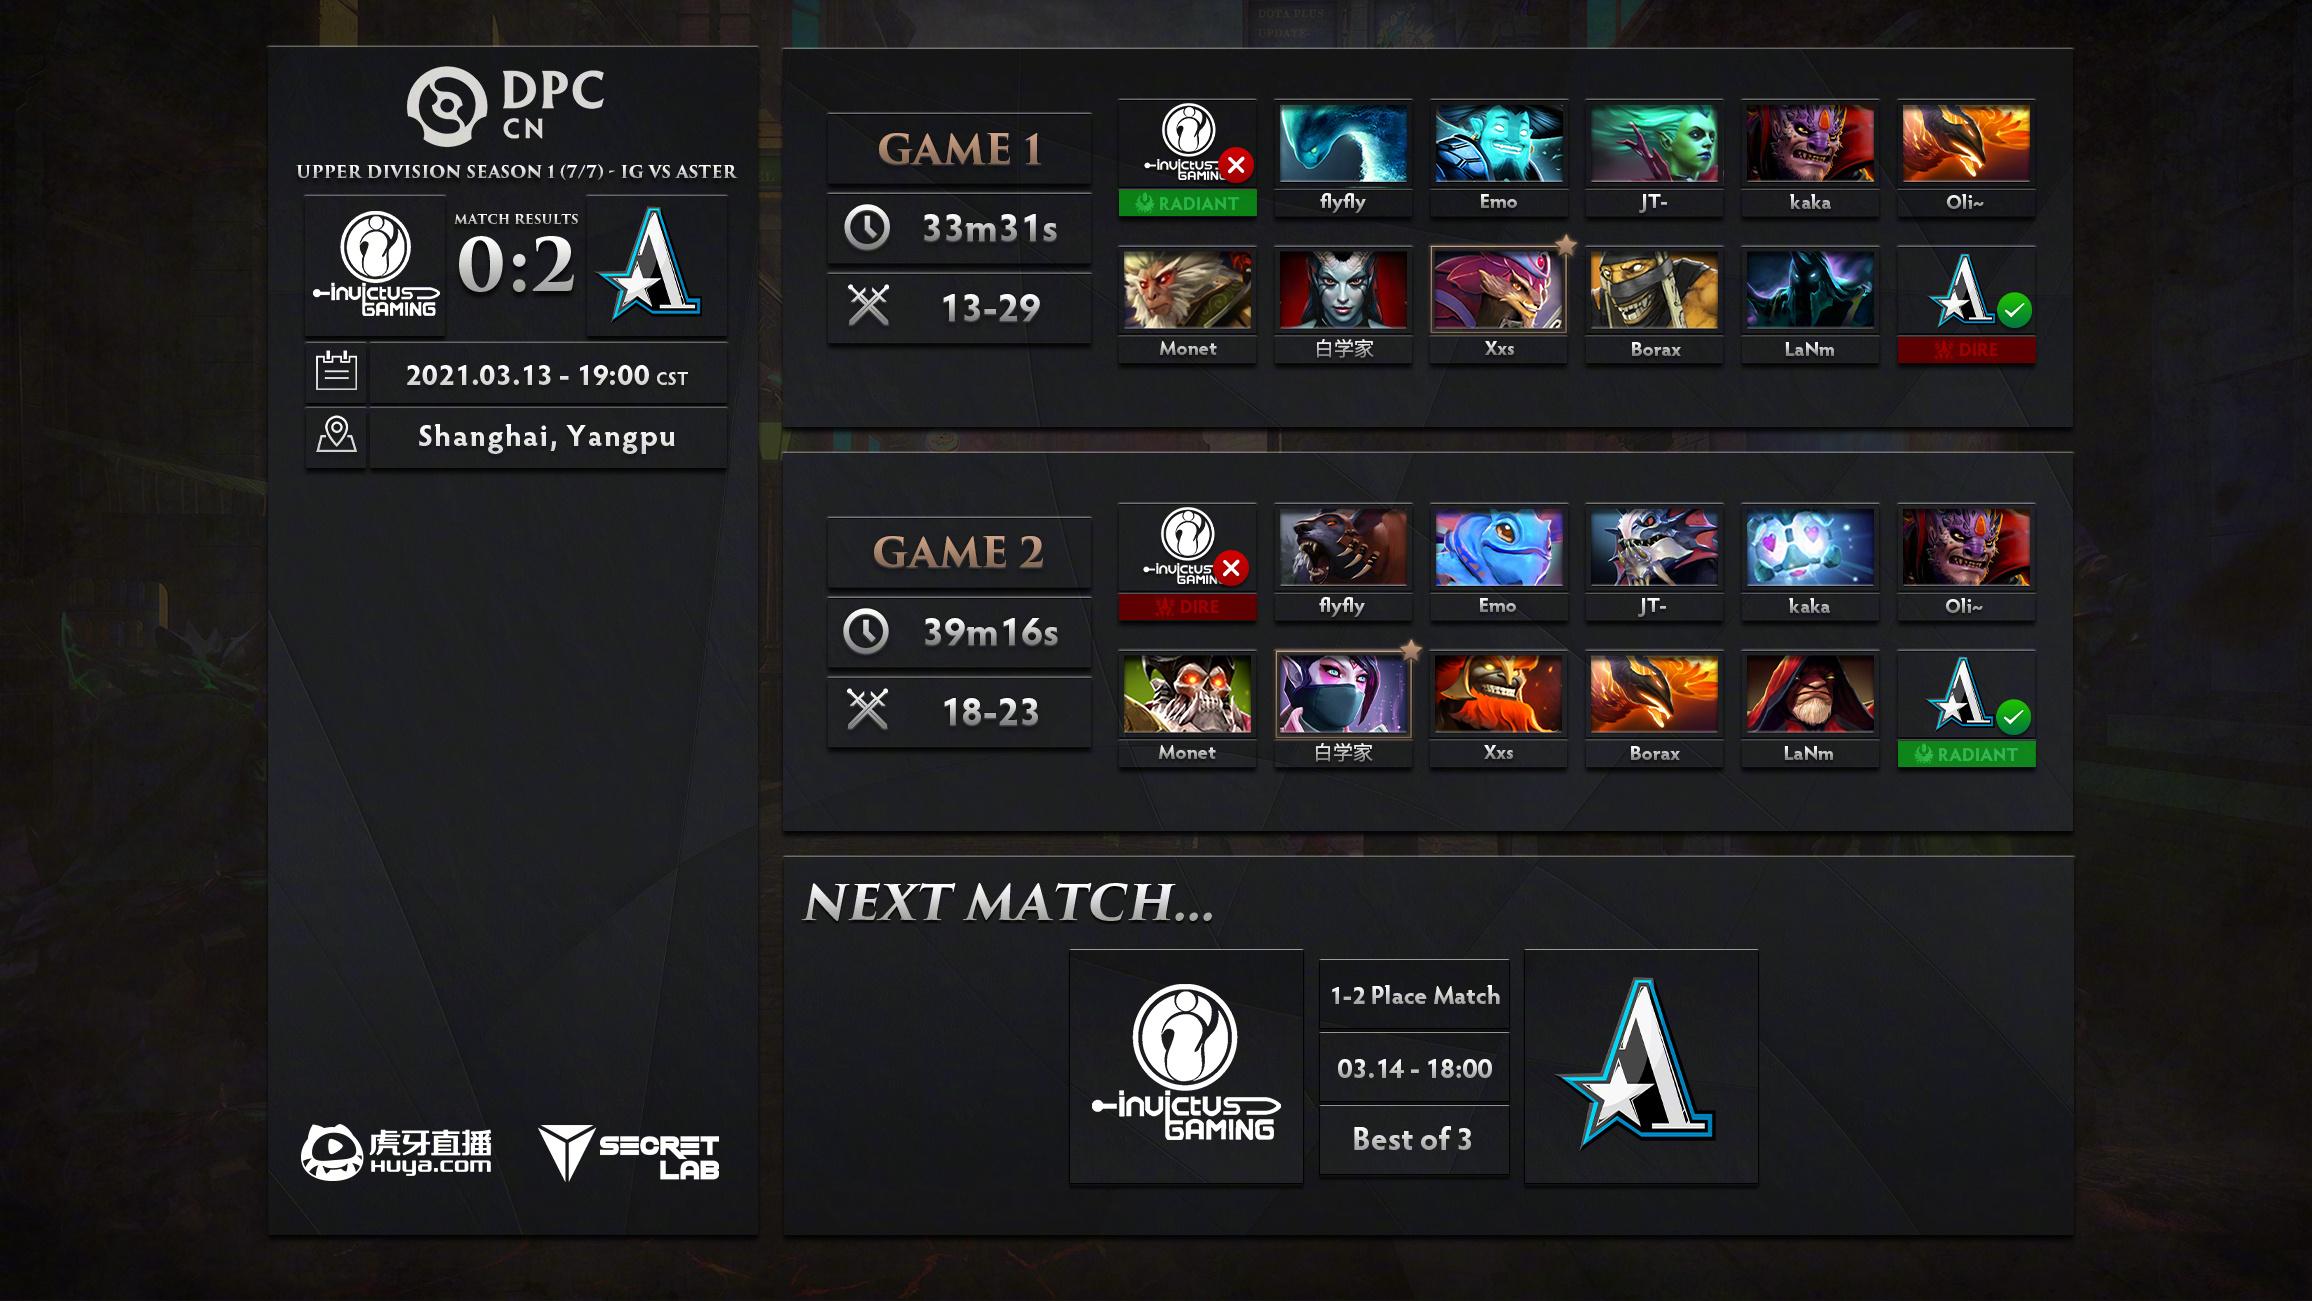 《DOTA2》DPC中国联赛 Aster 2:0战胜iG